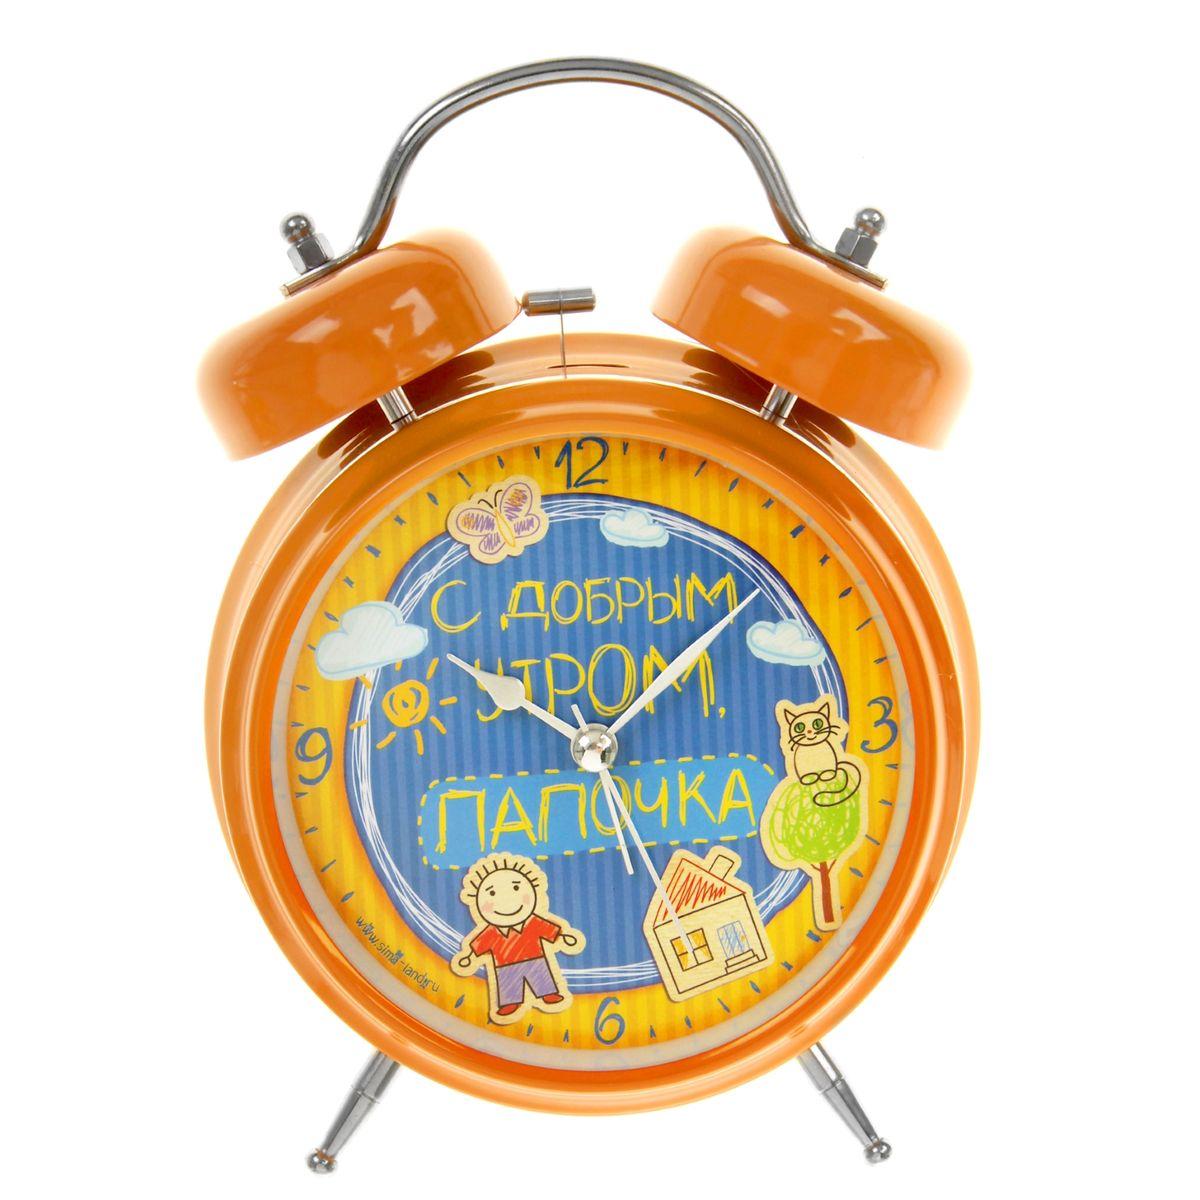 Часы-будильник Sima-land С добрым утром, папочка839692Как же сложно иногда вставать вовремя! Всегда так хочется поспать еще хотябы 5 минут ибывает,что мы просыпаем. Теперь этого не случится! Яркий, оригинальный будильникSima-land С добрым утром, папочка поможет вам всегдавставать в нужное время и успевать везде и всюду. Время показывает точно ибудит в установленный час. Такой будильник станет прекрасным подарком.На задней панели будильника расположеныпереключатель включения/выключения механизма и два колесика для настройки текущего времени и времени звонка будильника. Также будильник оснащен кнопкой, при нажатии и удержании которой подсвечивается циферблат. Будильник работает от 1 батарейки типа AA напряжением 1,5V (не входит вкомплект).